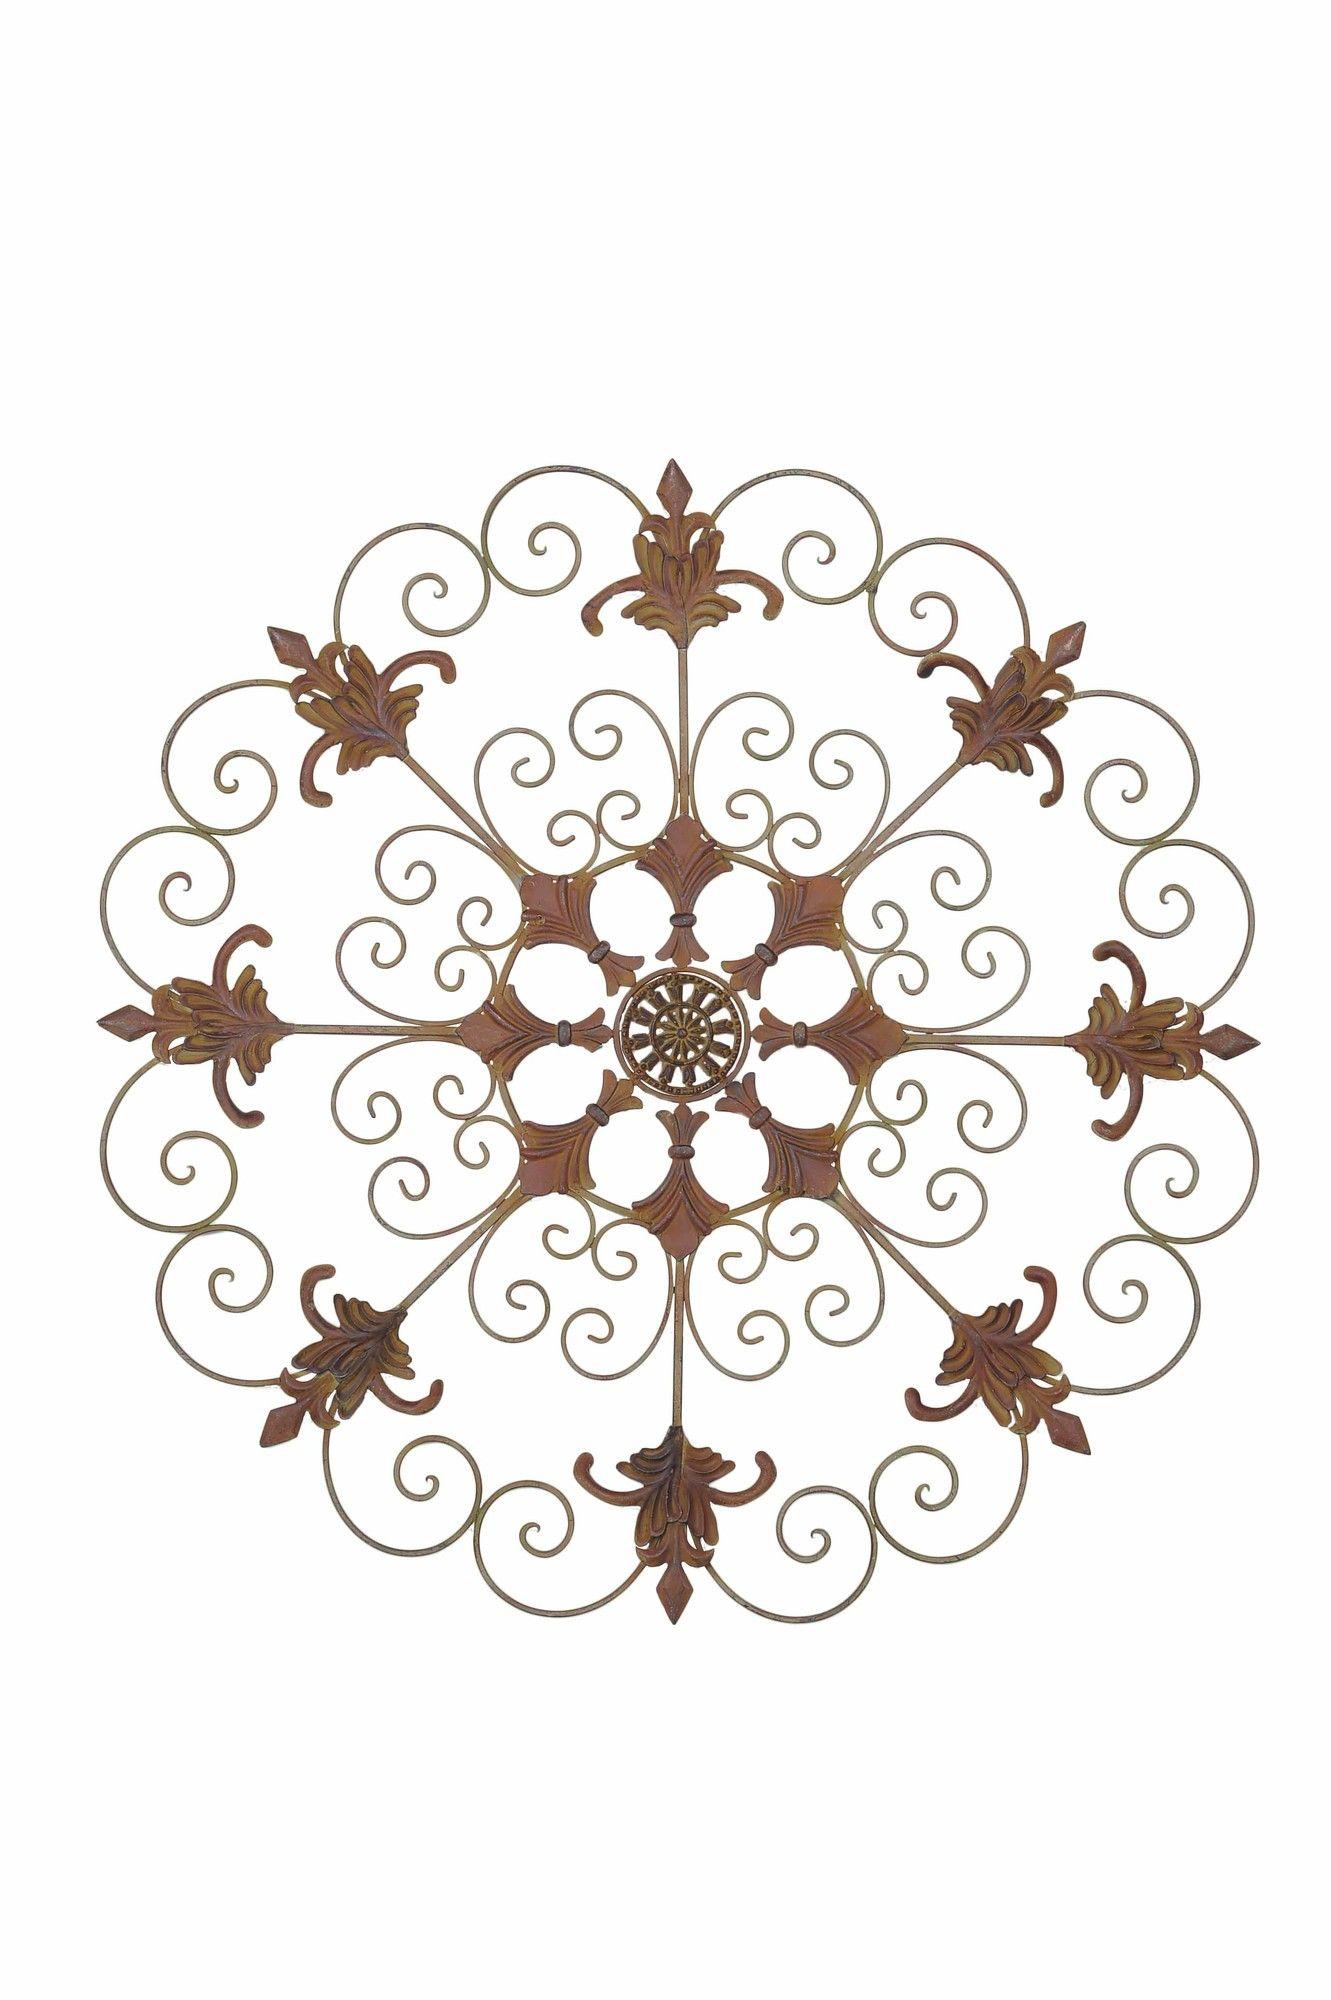 Metal garden crest laser cut metal wall décor products pinterest